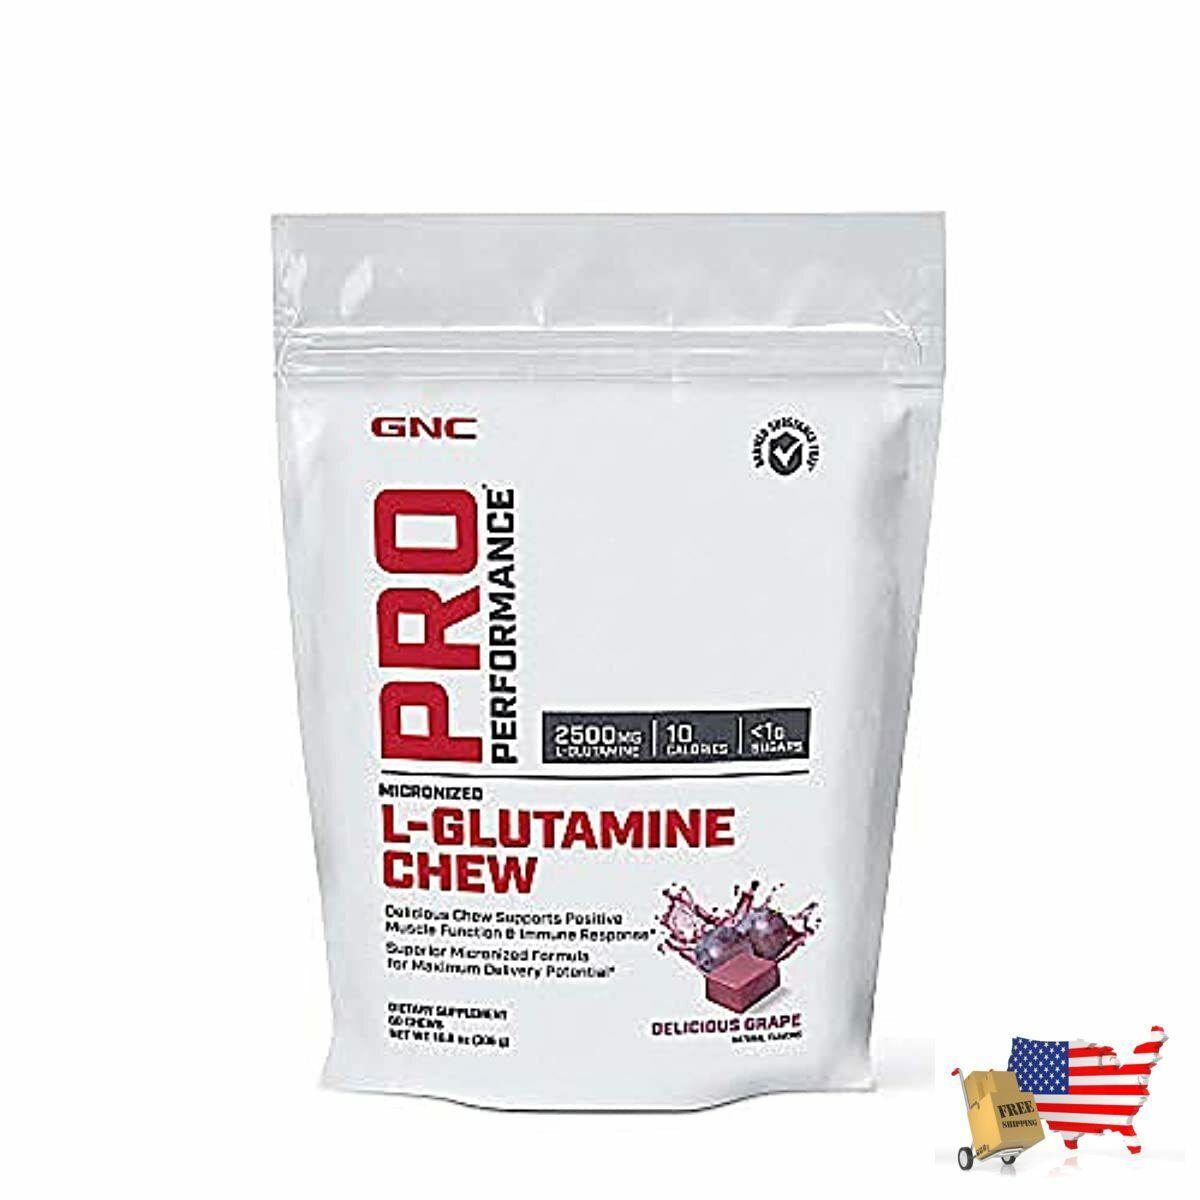 L-Glutamine Chew Performance Delicious Grape 60 Chews Suppor